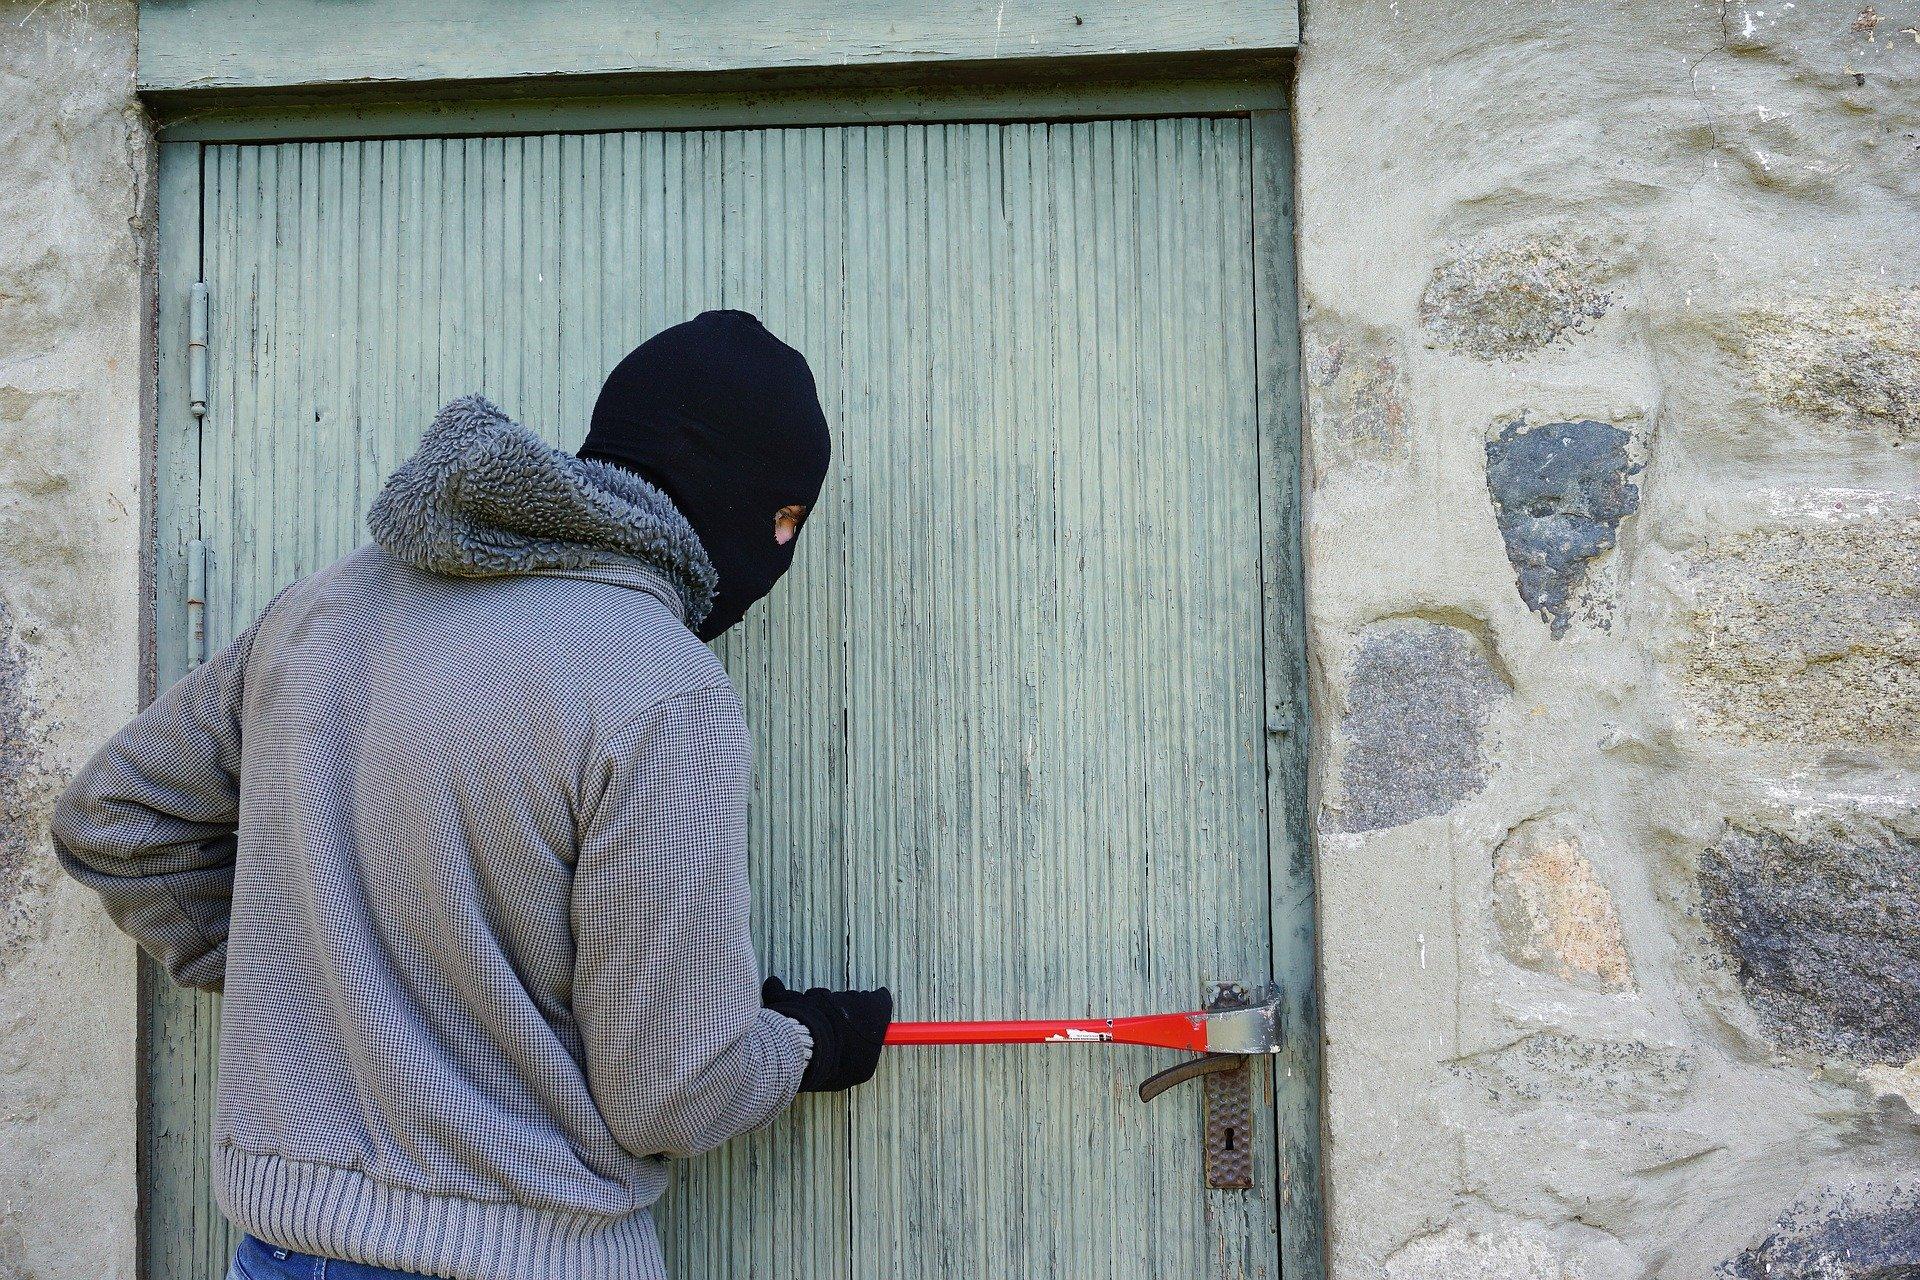 Nieuczciwy pracownik to po prostu złodziej.